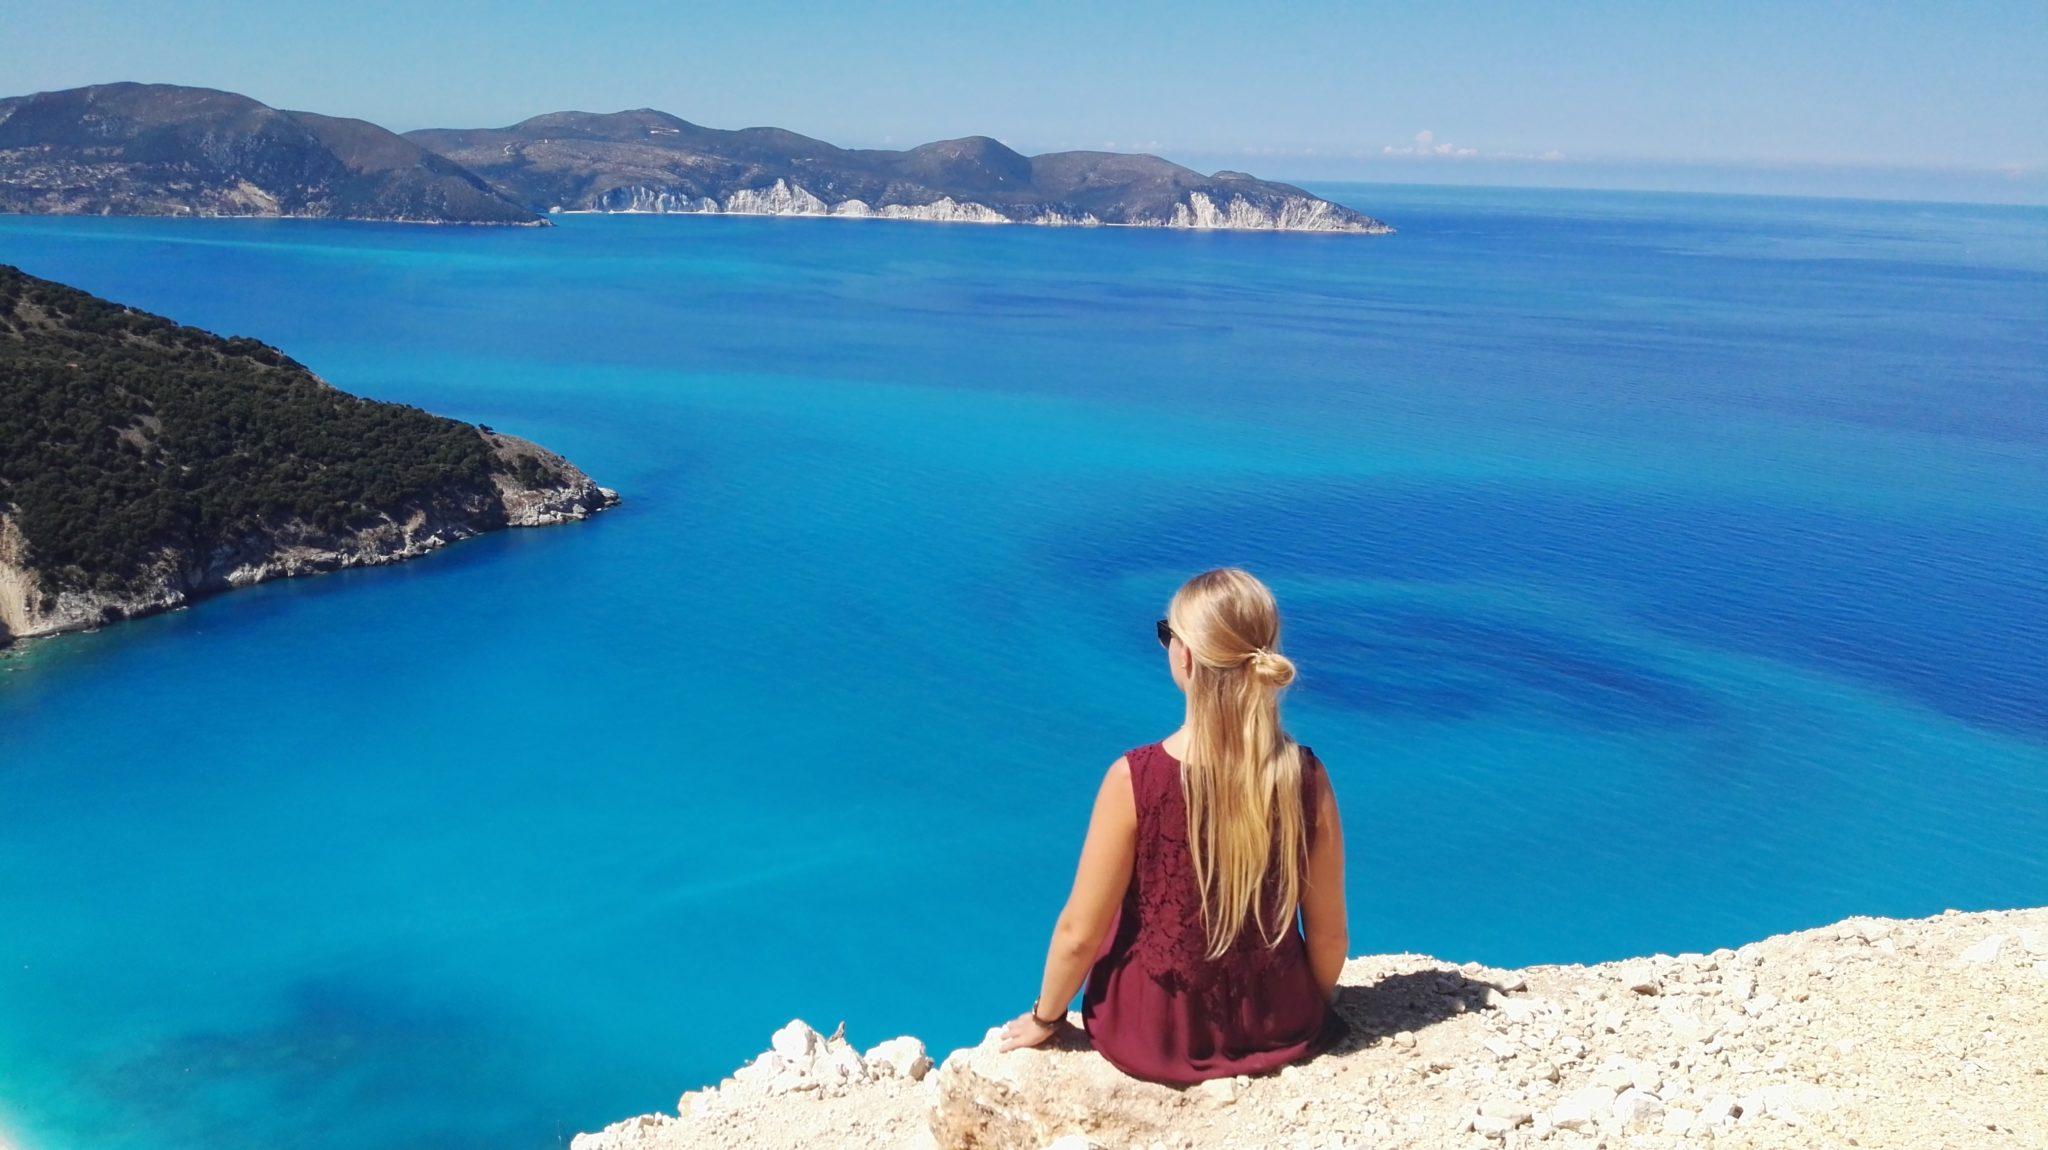 Kleiner Griechisch Sprachführer Für Den Urlaub Auf Kefalonia